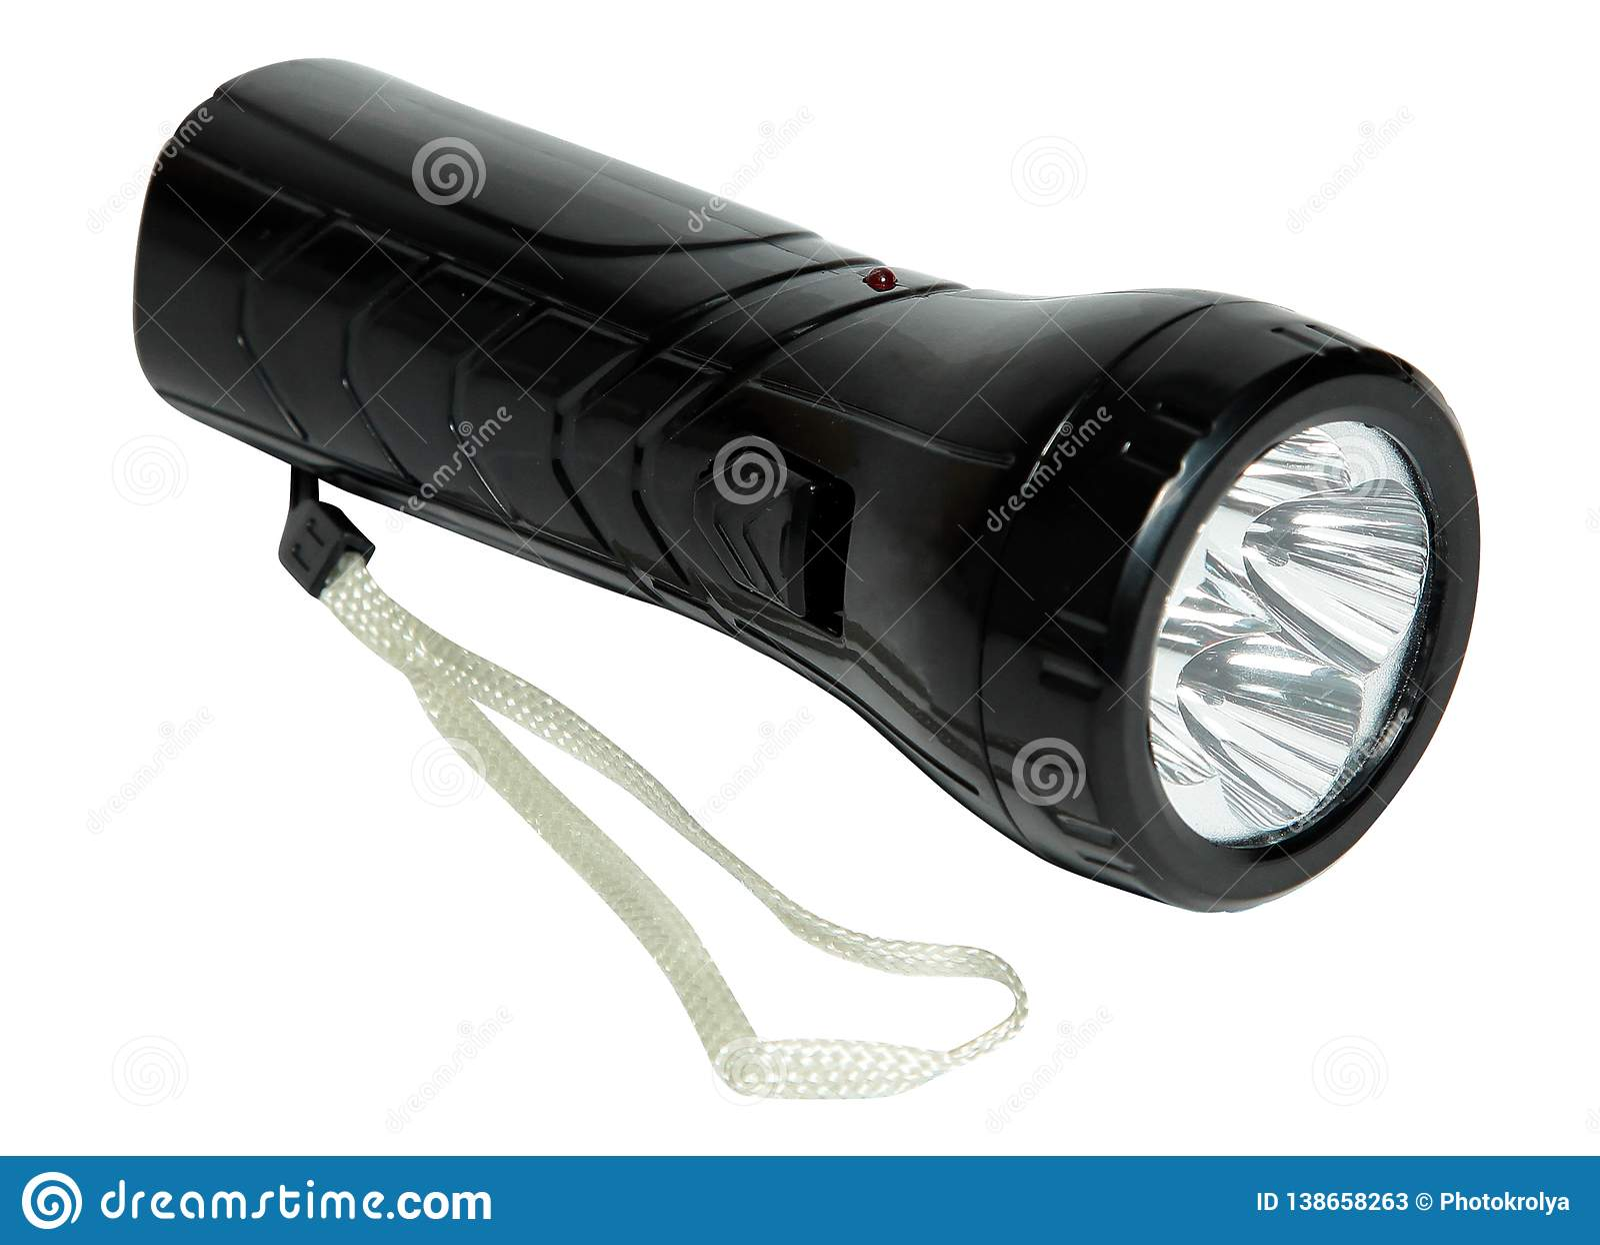 Black flashlight isolated on a white background.